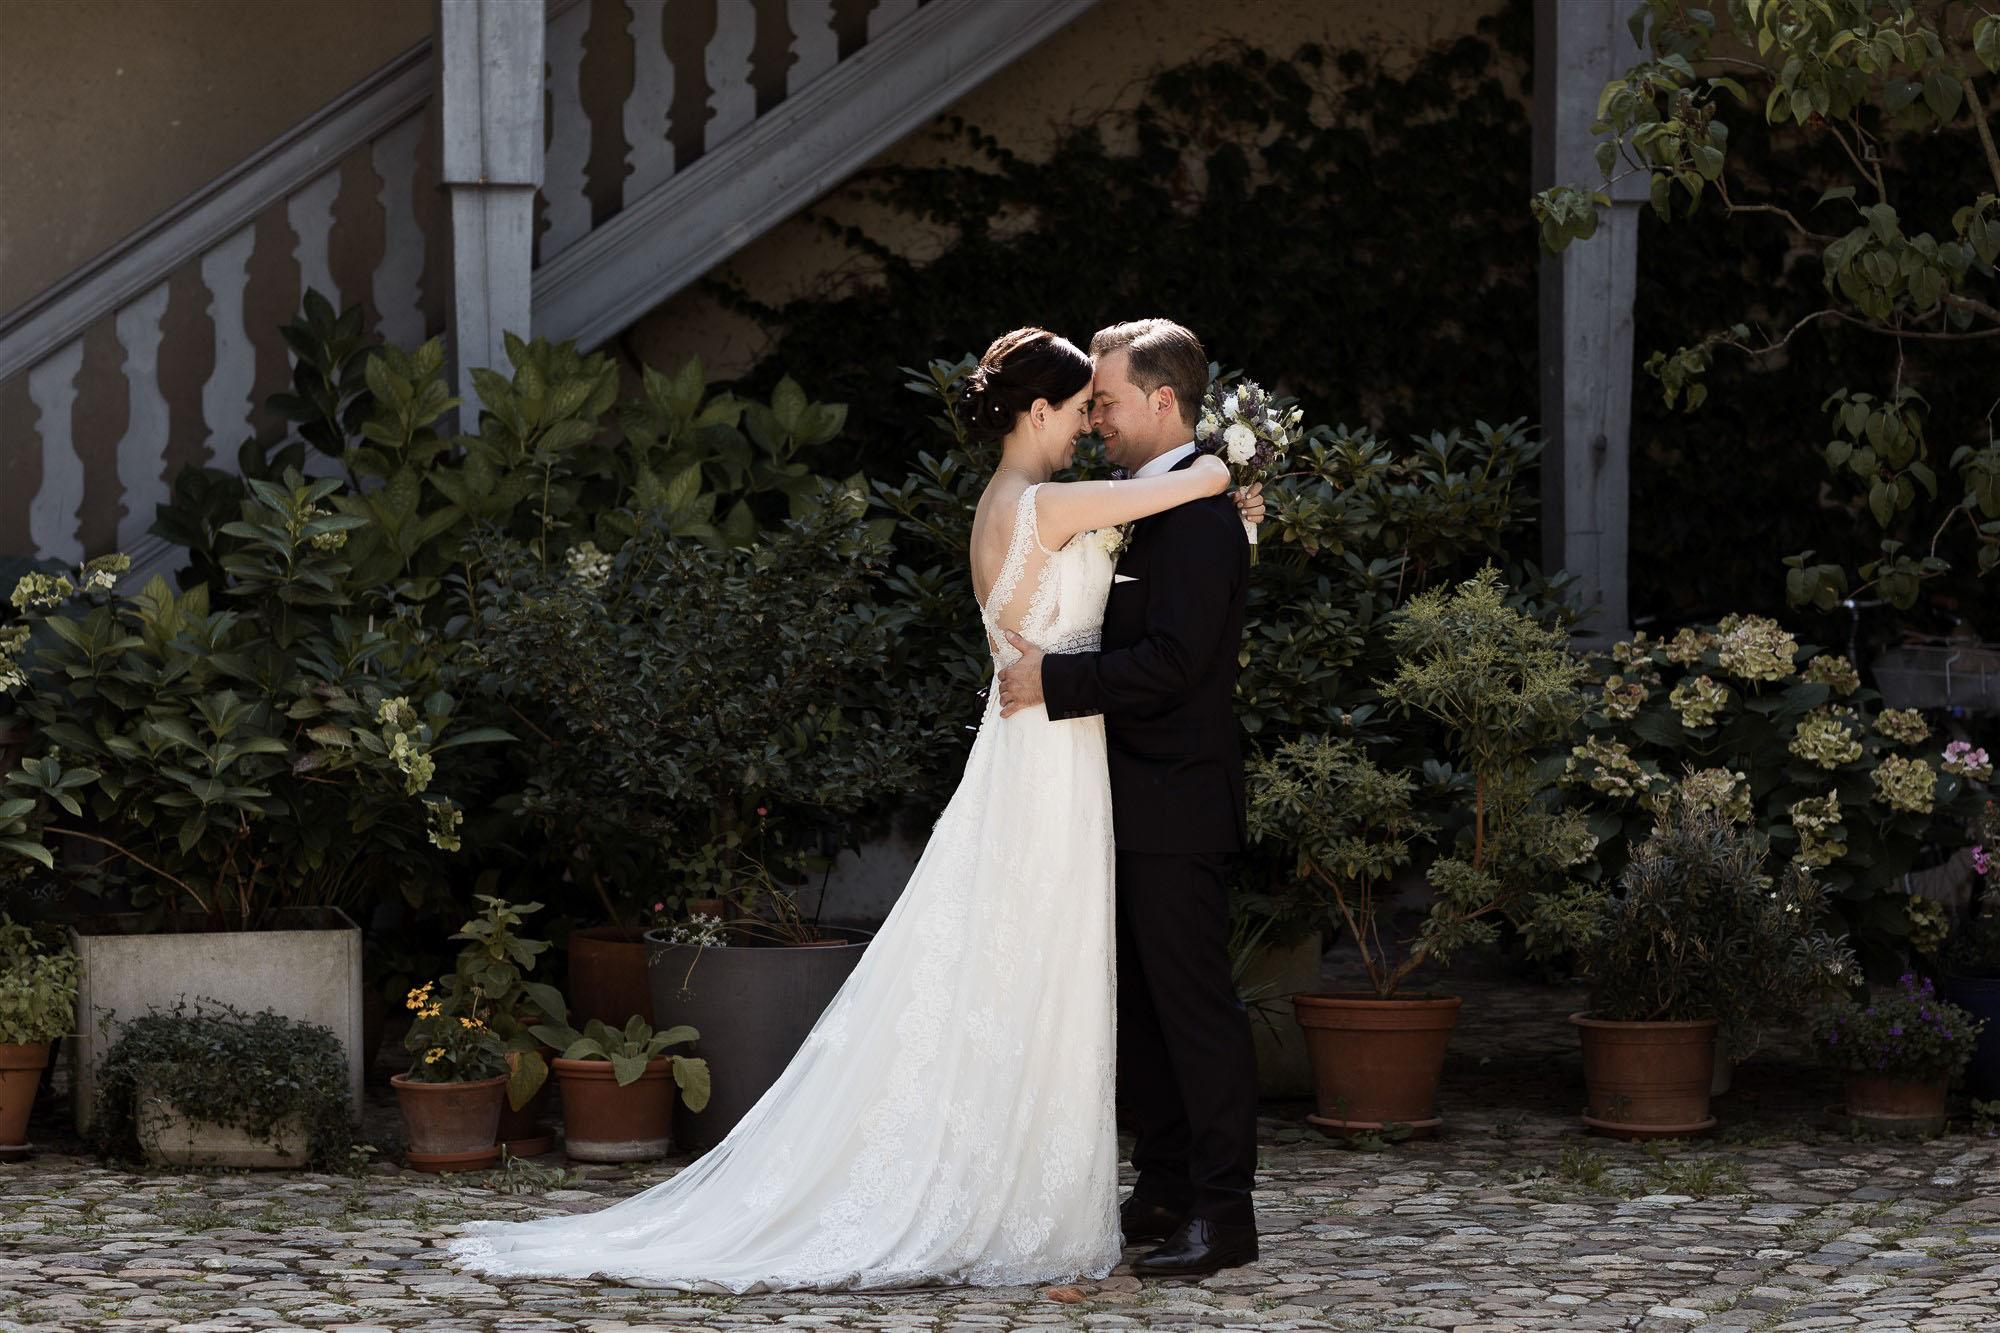 Hochzeit in Basel - Brautpaar Fotoshooting - Hochzeitsfotograf Nicole.Gallery